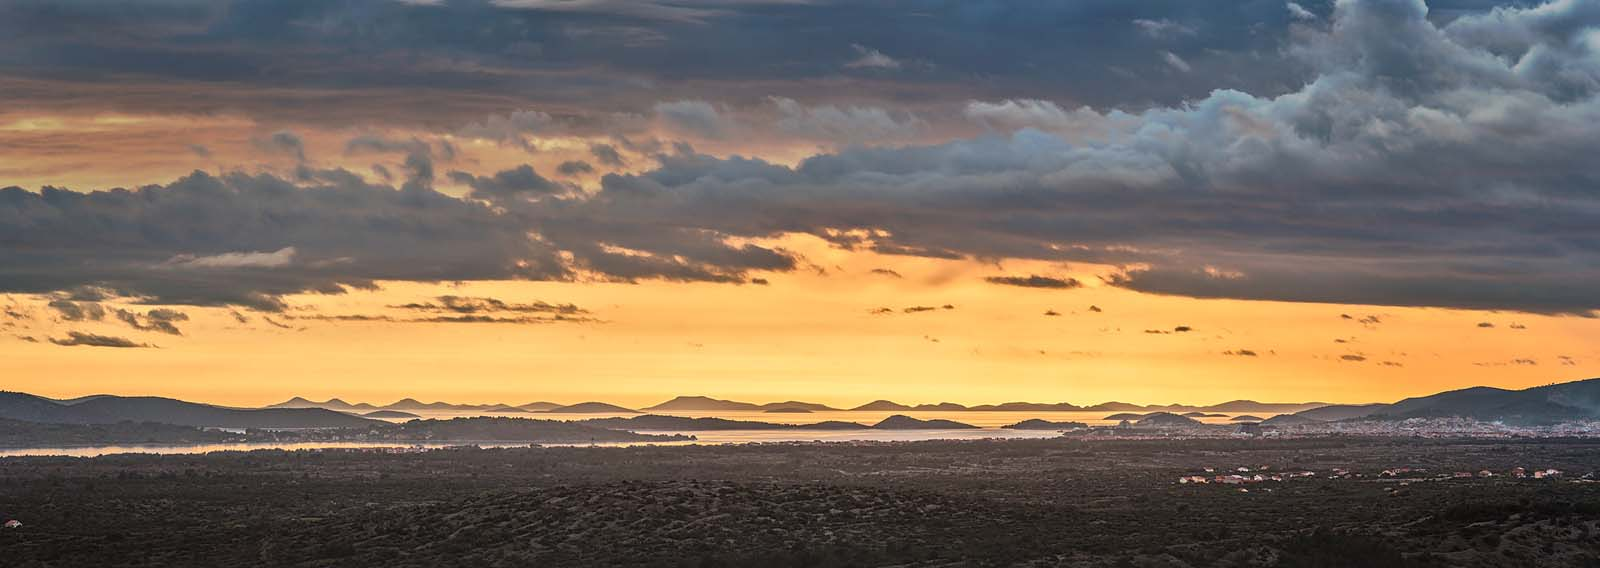 Kornaten, Kroatien: Dramastimmung über den südlichen Kornaten bei Sibenik. Einzeiliges Panorama, zusammengesetzt aus 16 Aufnahmen. Originalgröße 280x105 cm | © Reinhard Podolsky